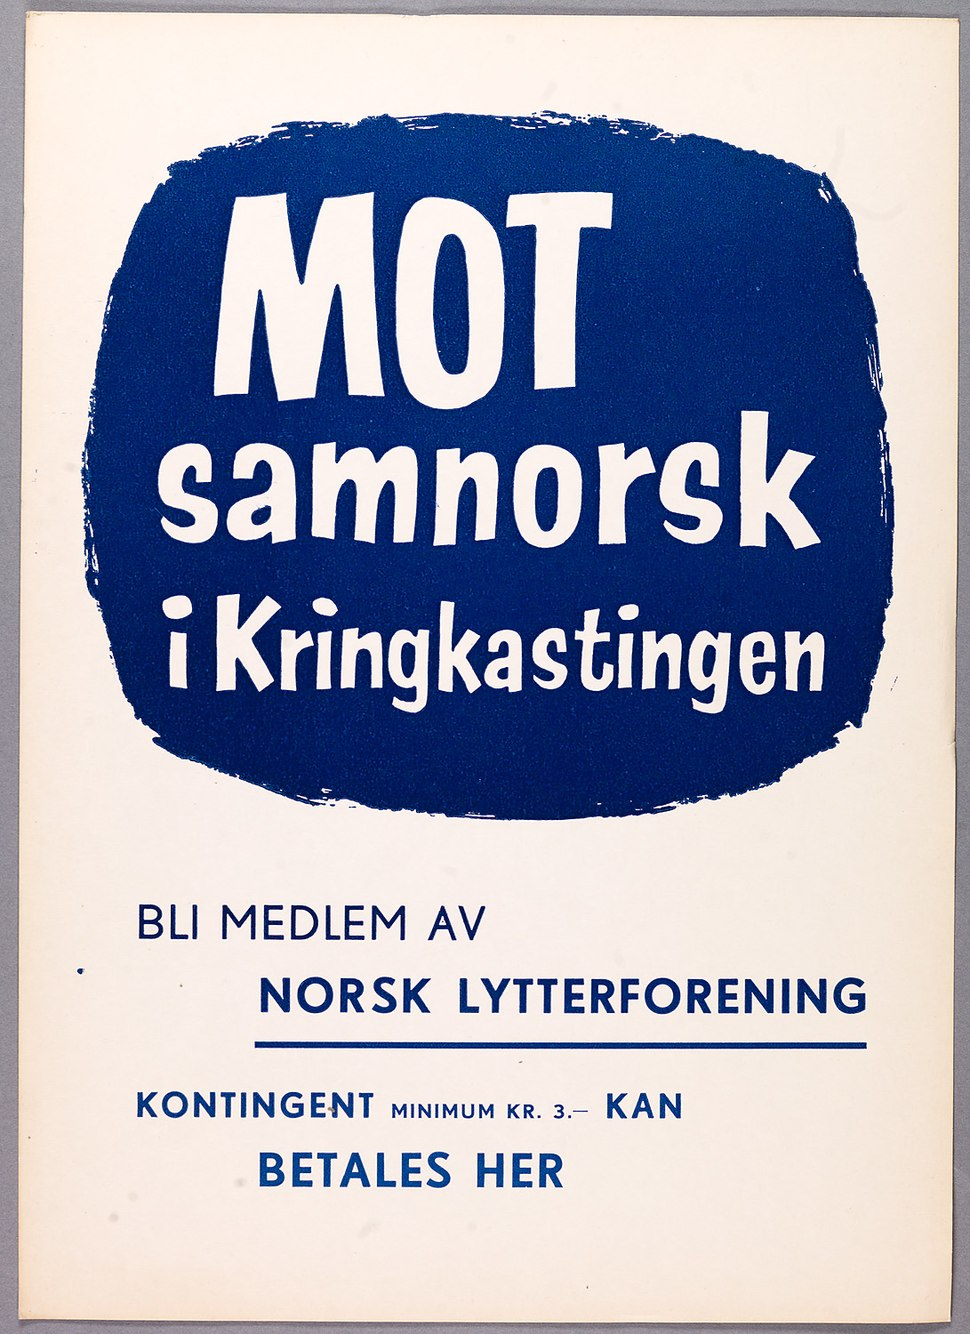 Poster against mandatory Samnorsk, 1955